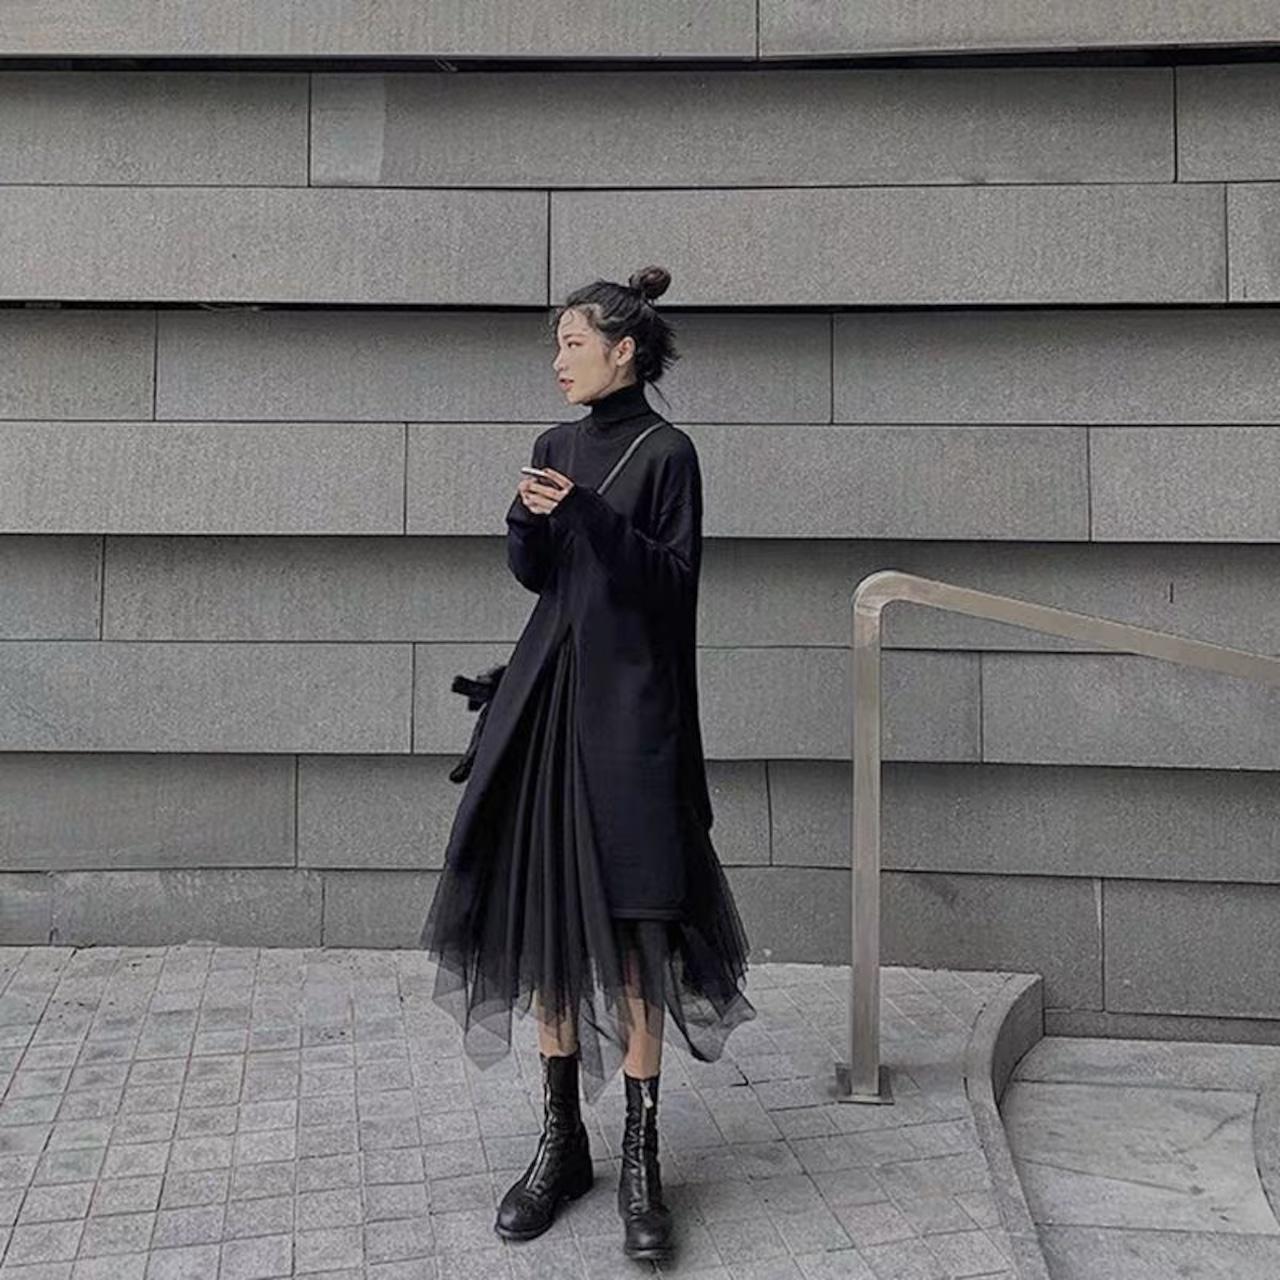 stylish black set up